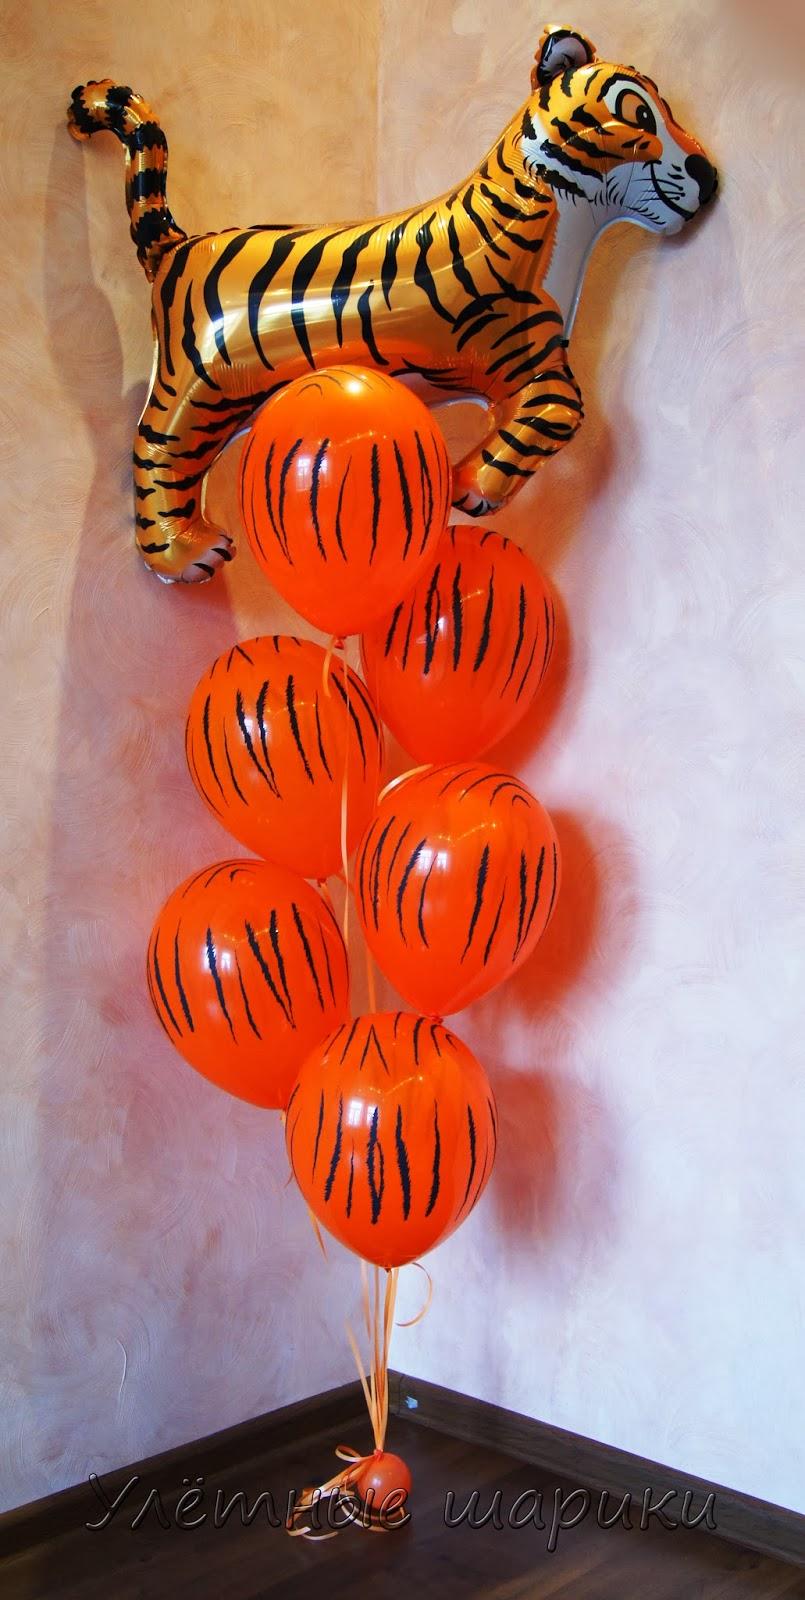 Букет с тигром из воздушных шариков